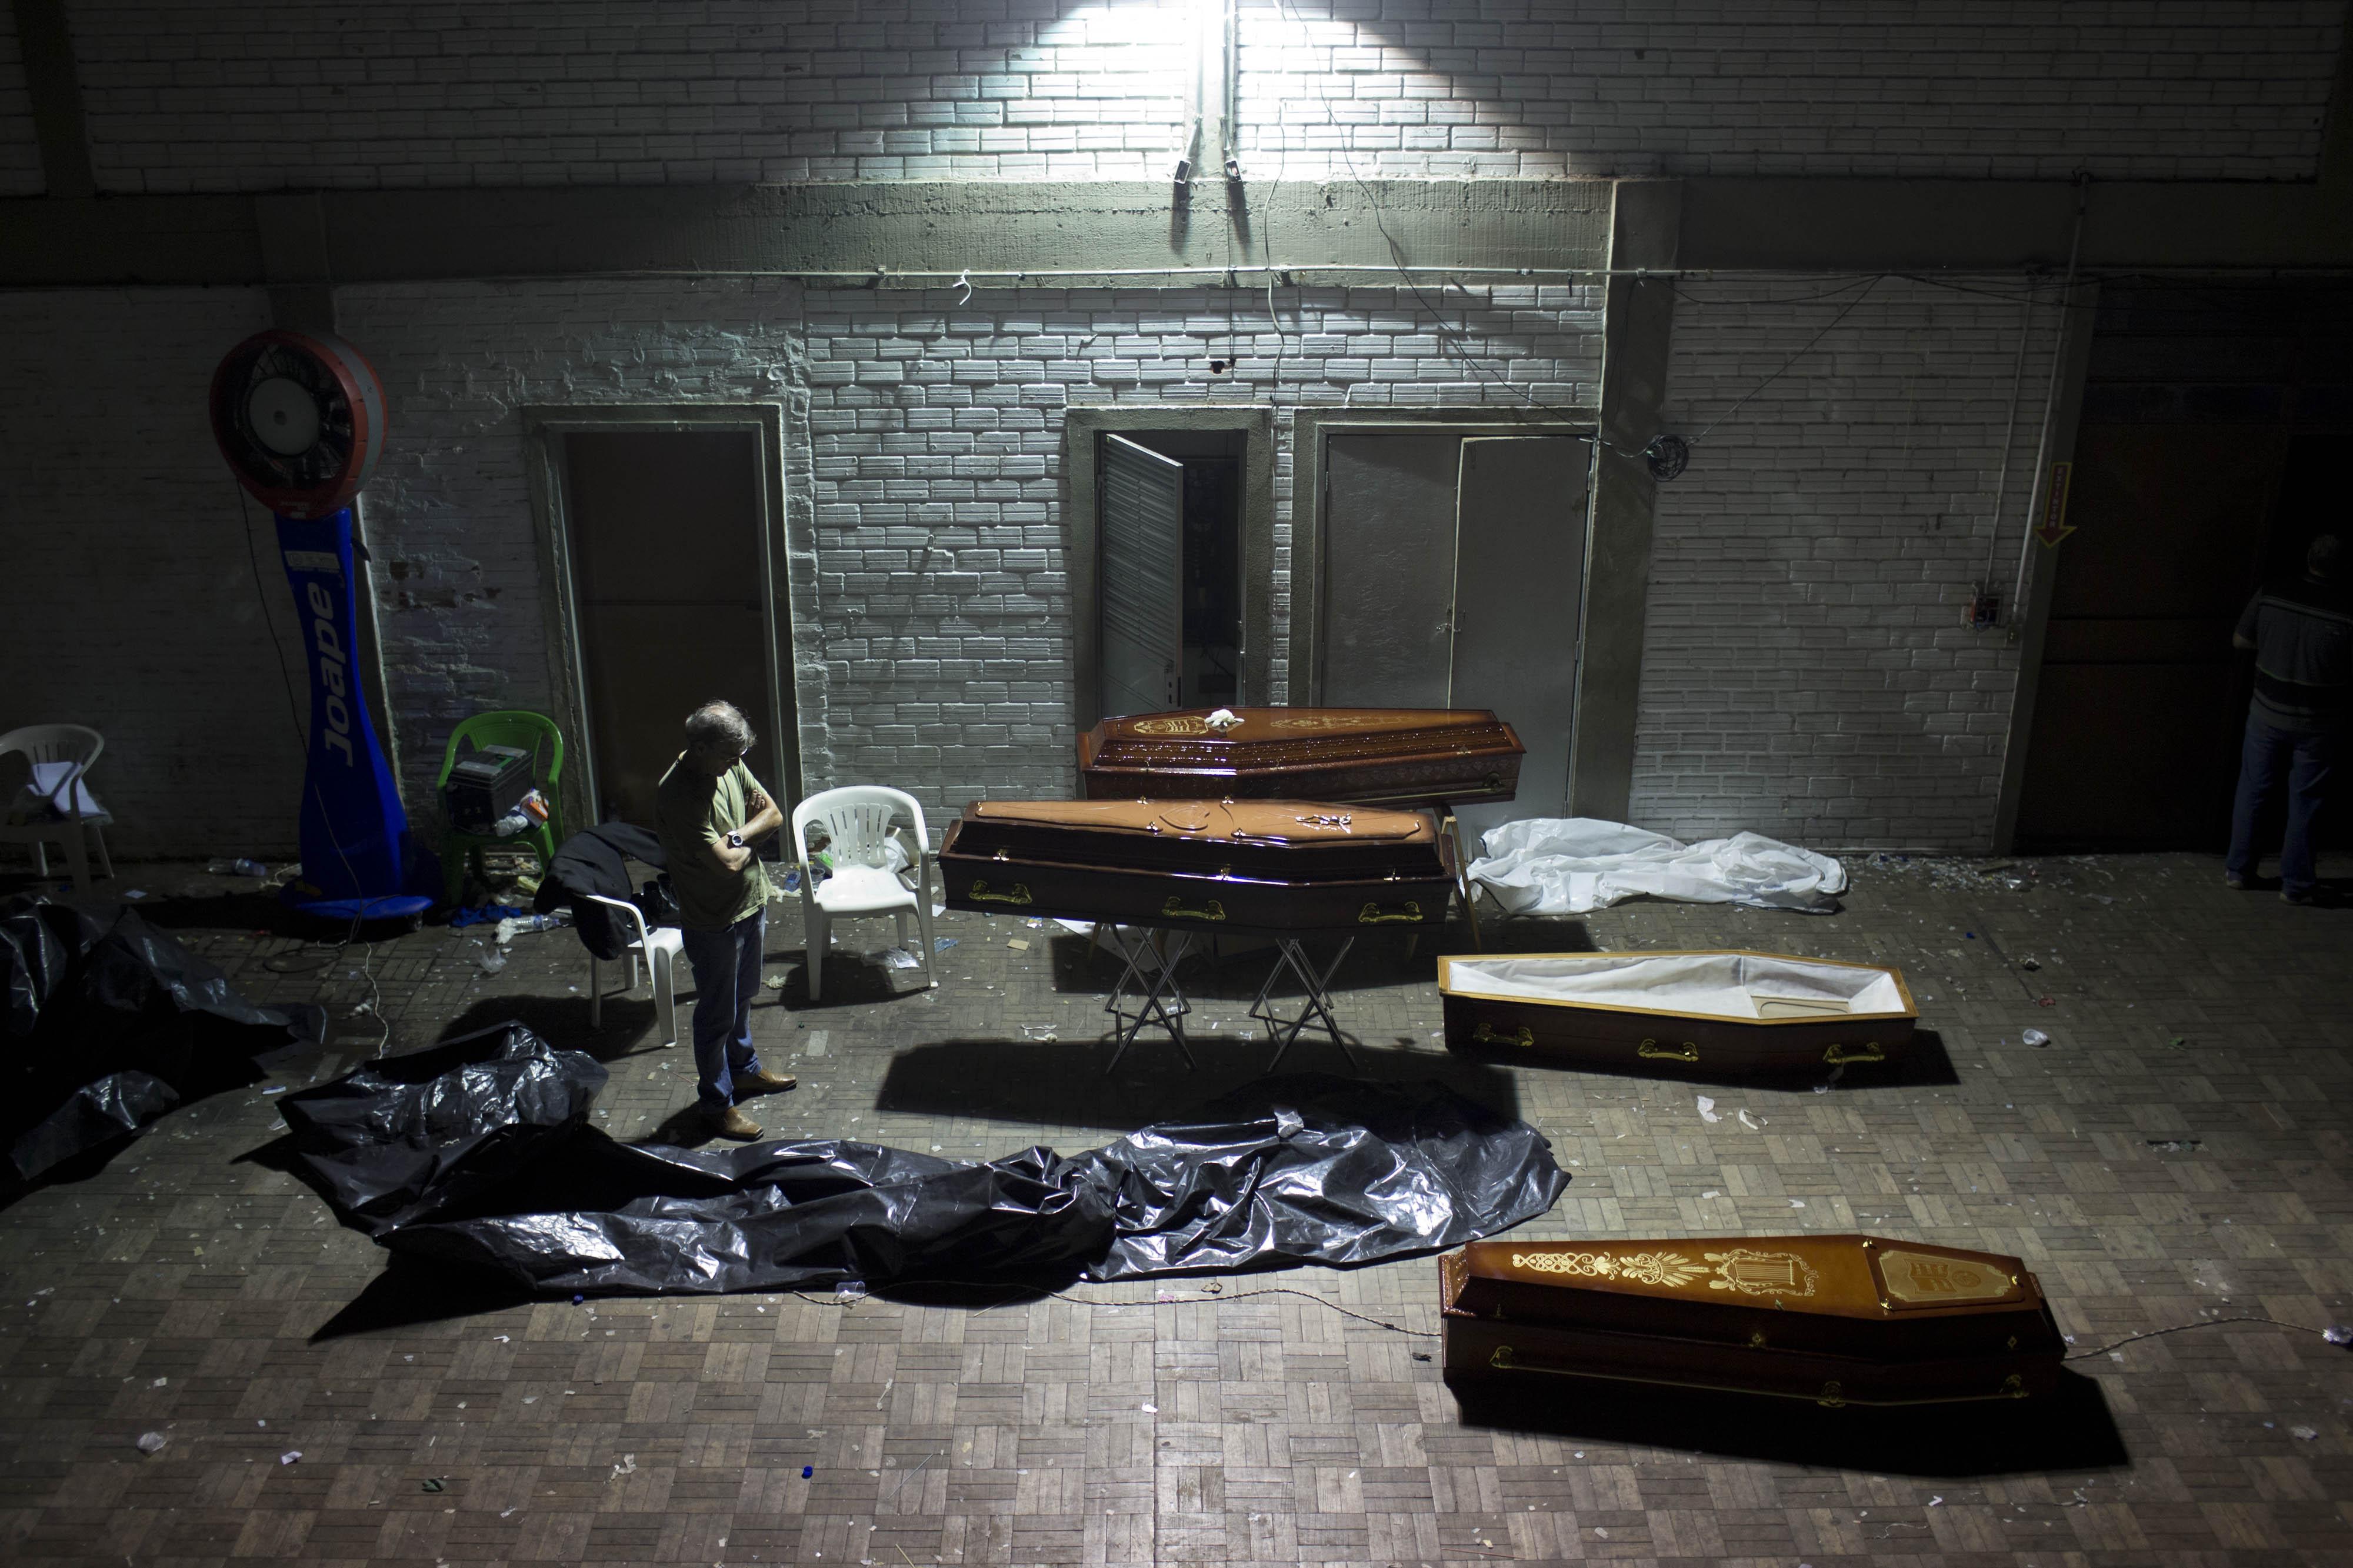 27 de janeiro - Homem olha para caixões com corpos de vítimas do incêndio na boate Kiss, onde mais de 200 pessoas morreram no domingo, 27, em Santa Maria (RS).